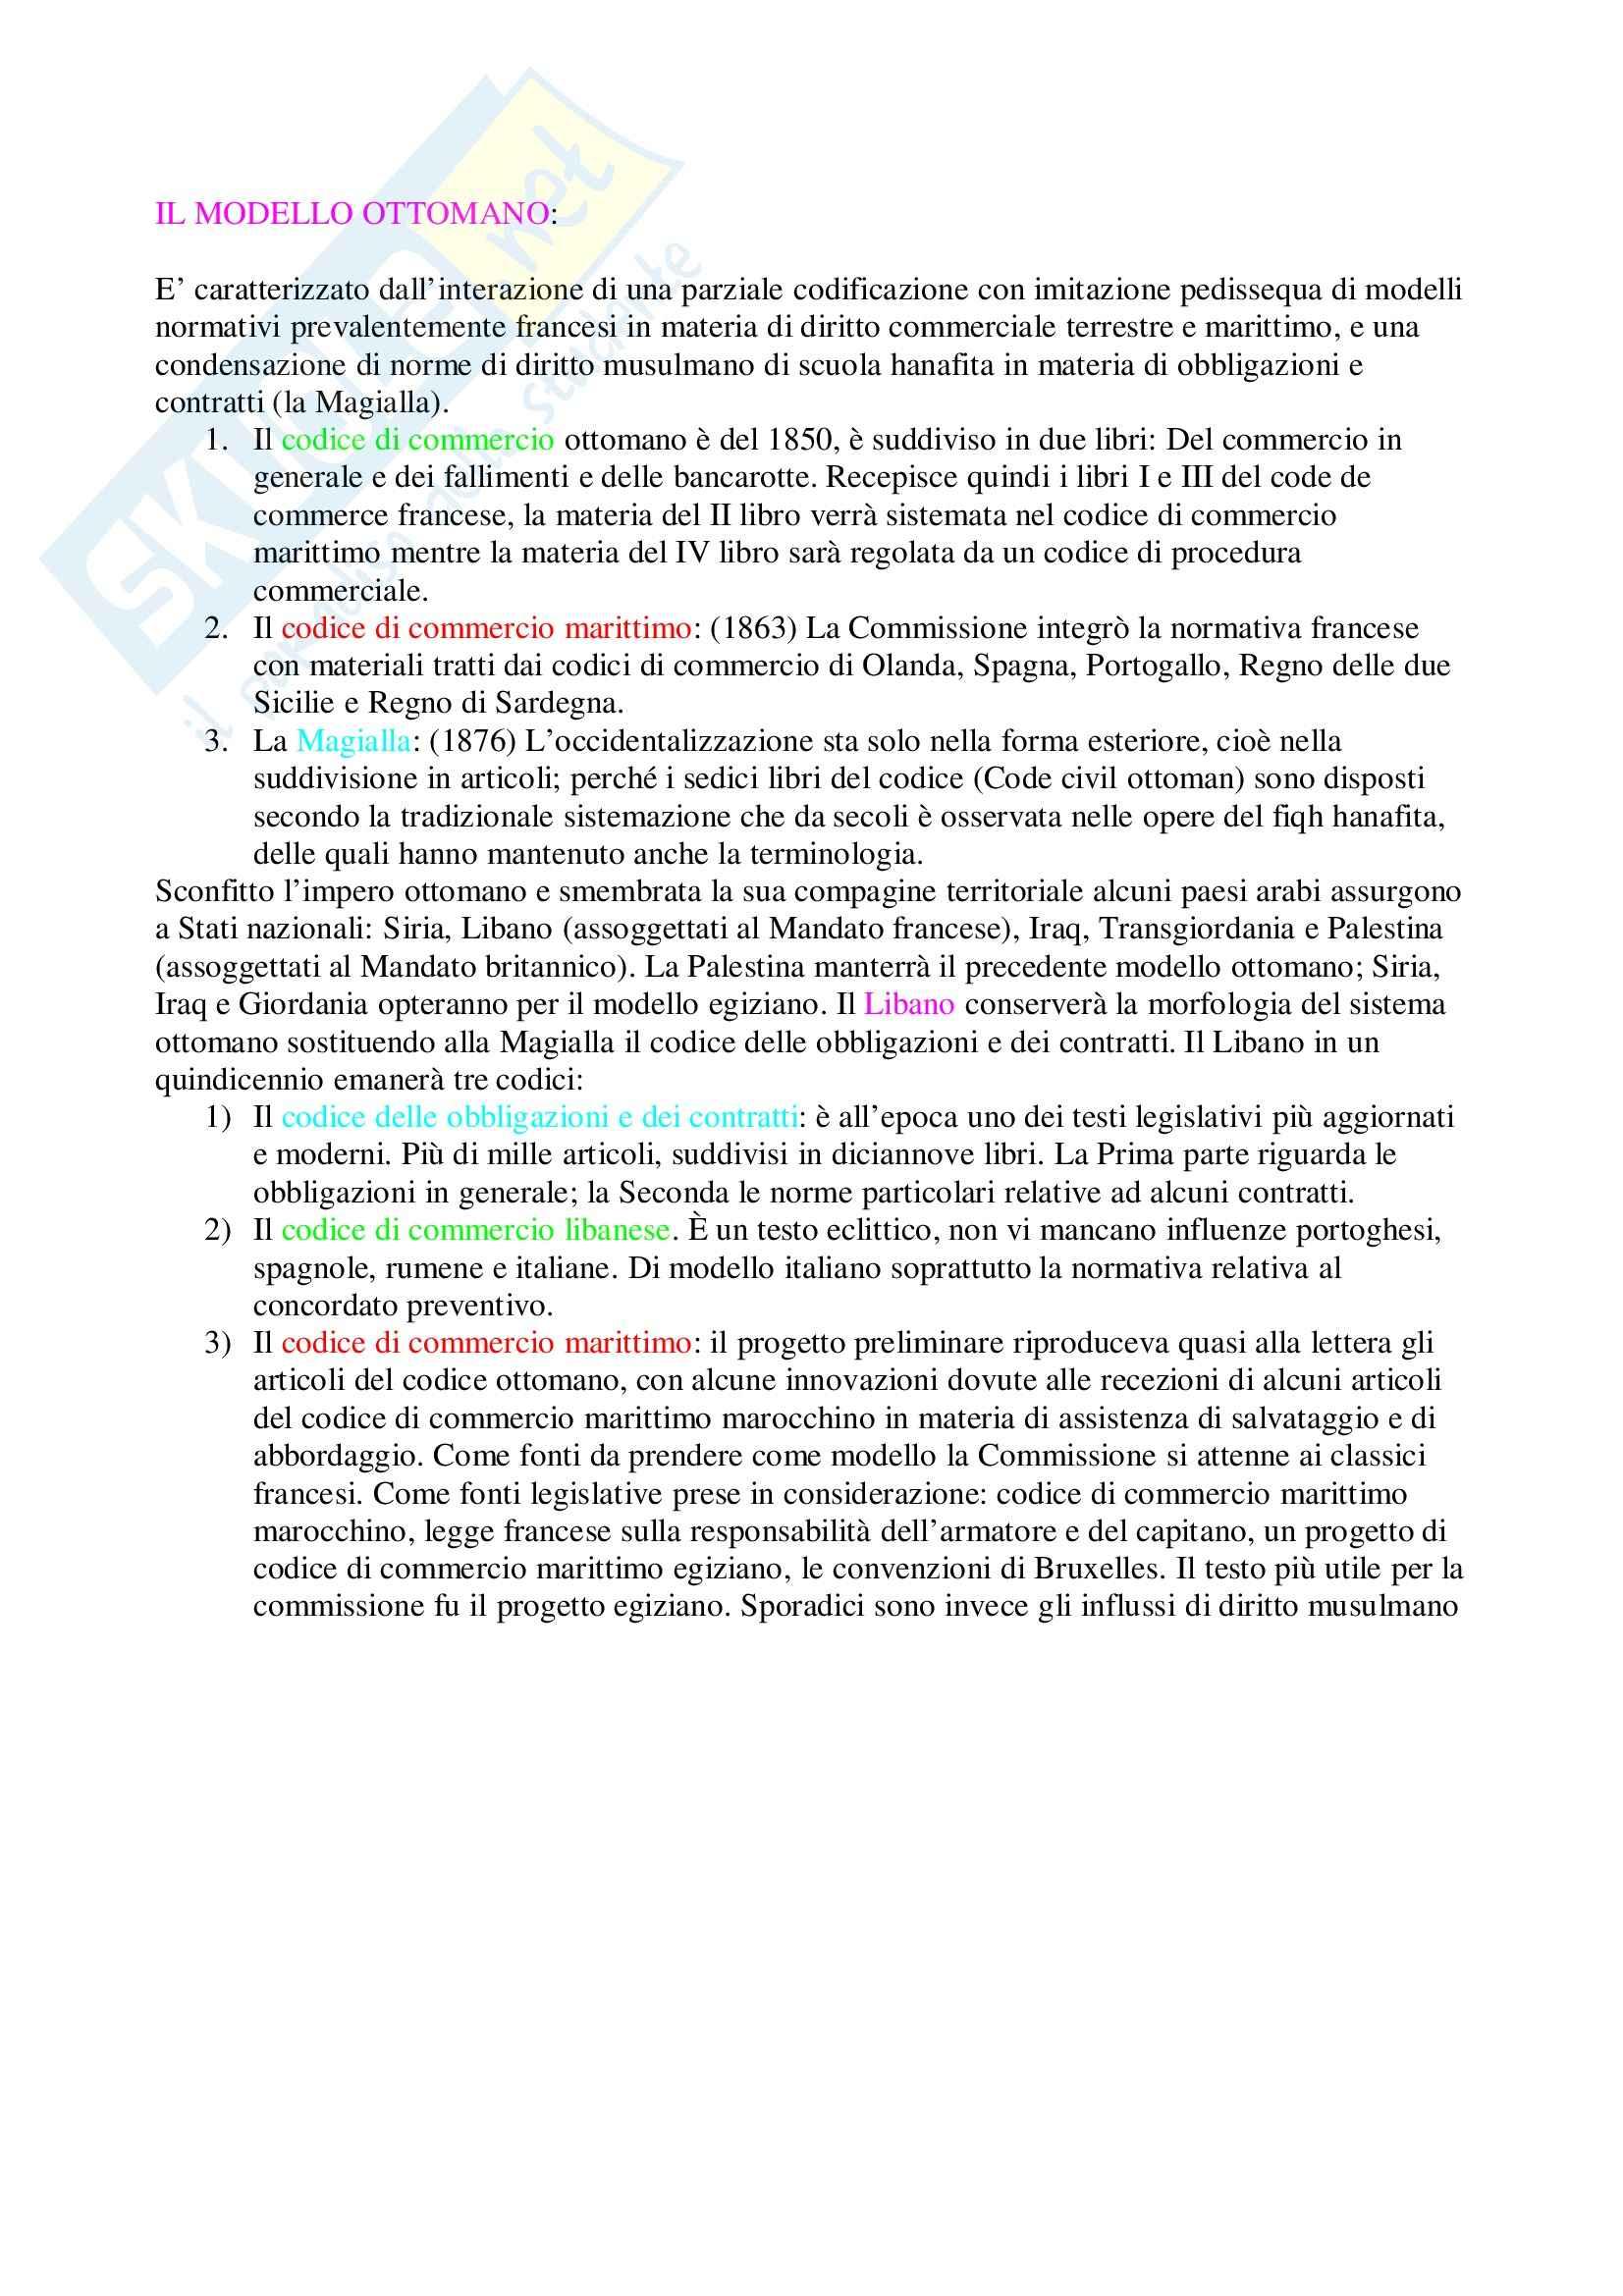 Diritto musulmano e dei Paesi islamici - modello ottomano